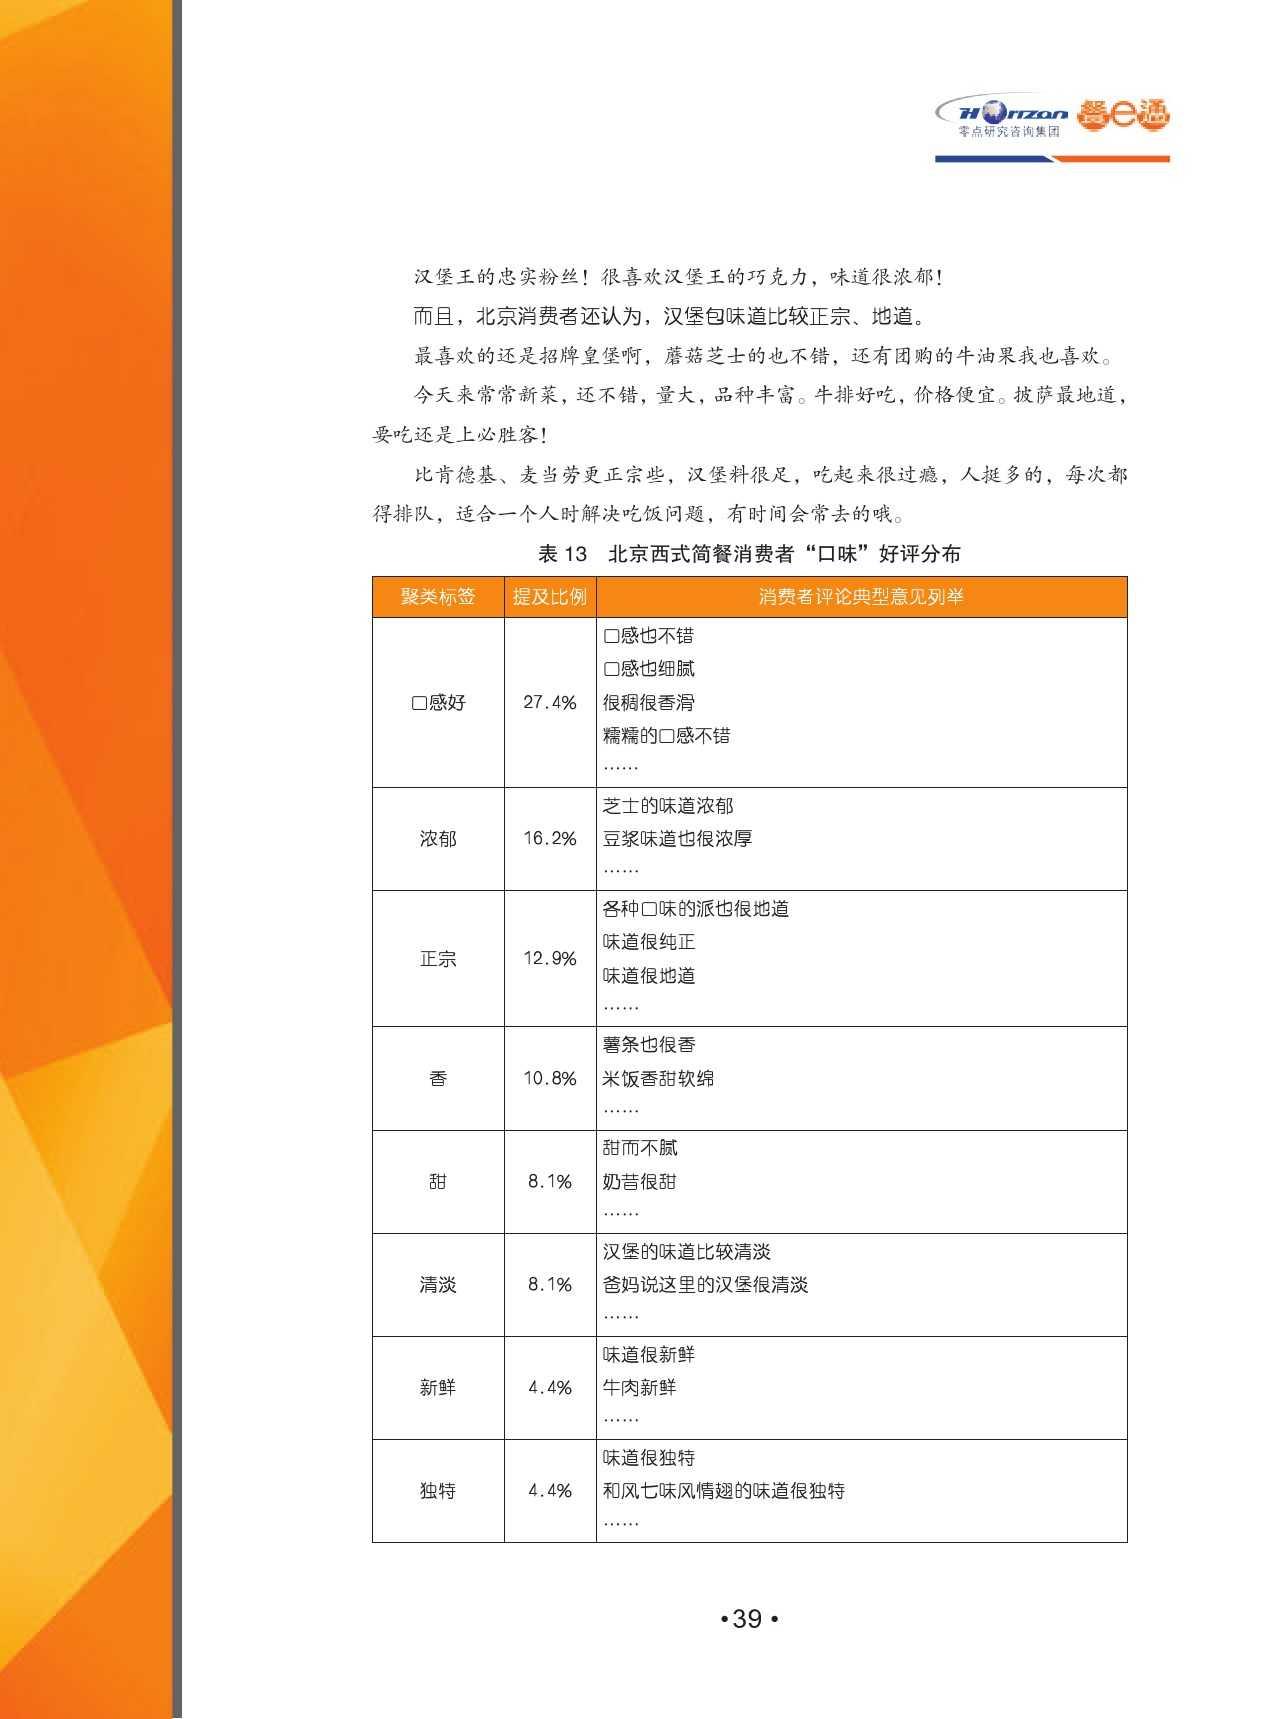 2015中国餐饮消费需求大数据分析报告_000041